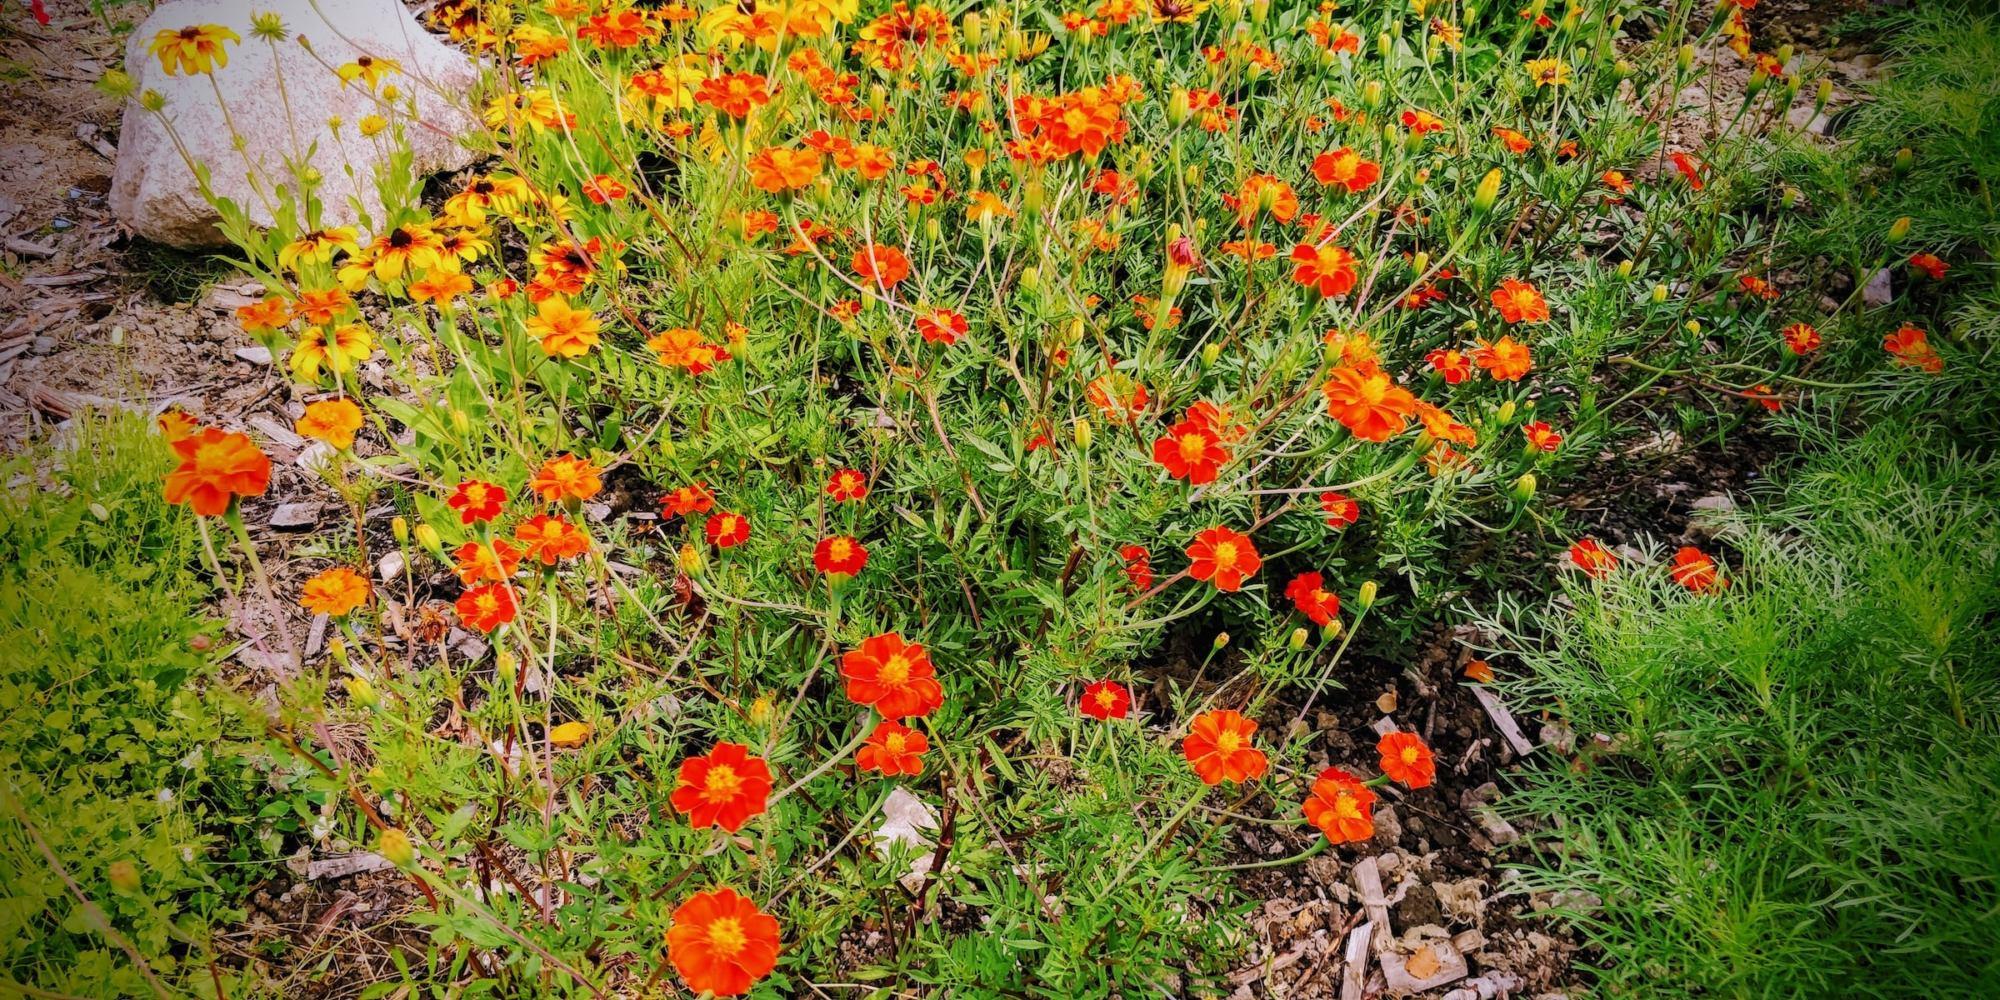 Tuva & Täppa - bild på blommor i rabatt